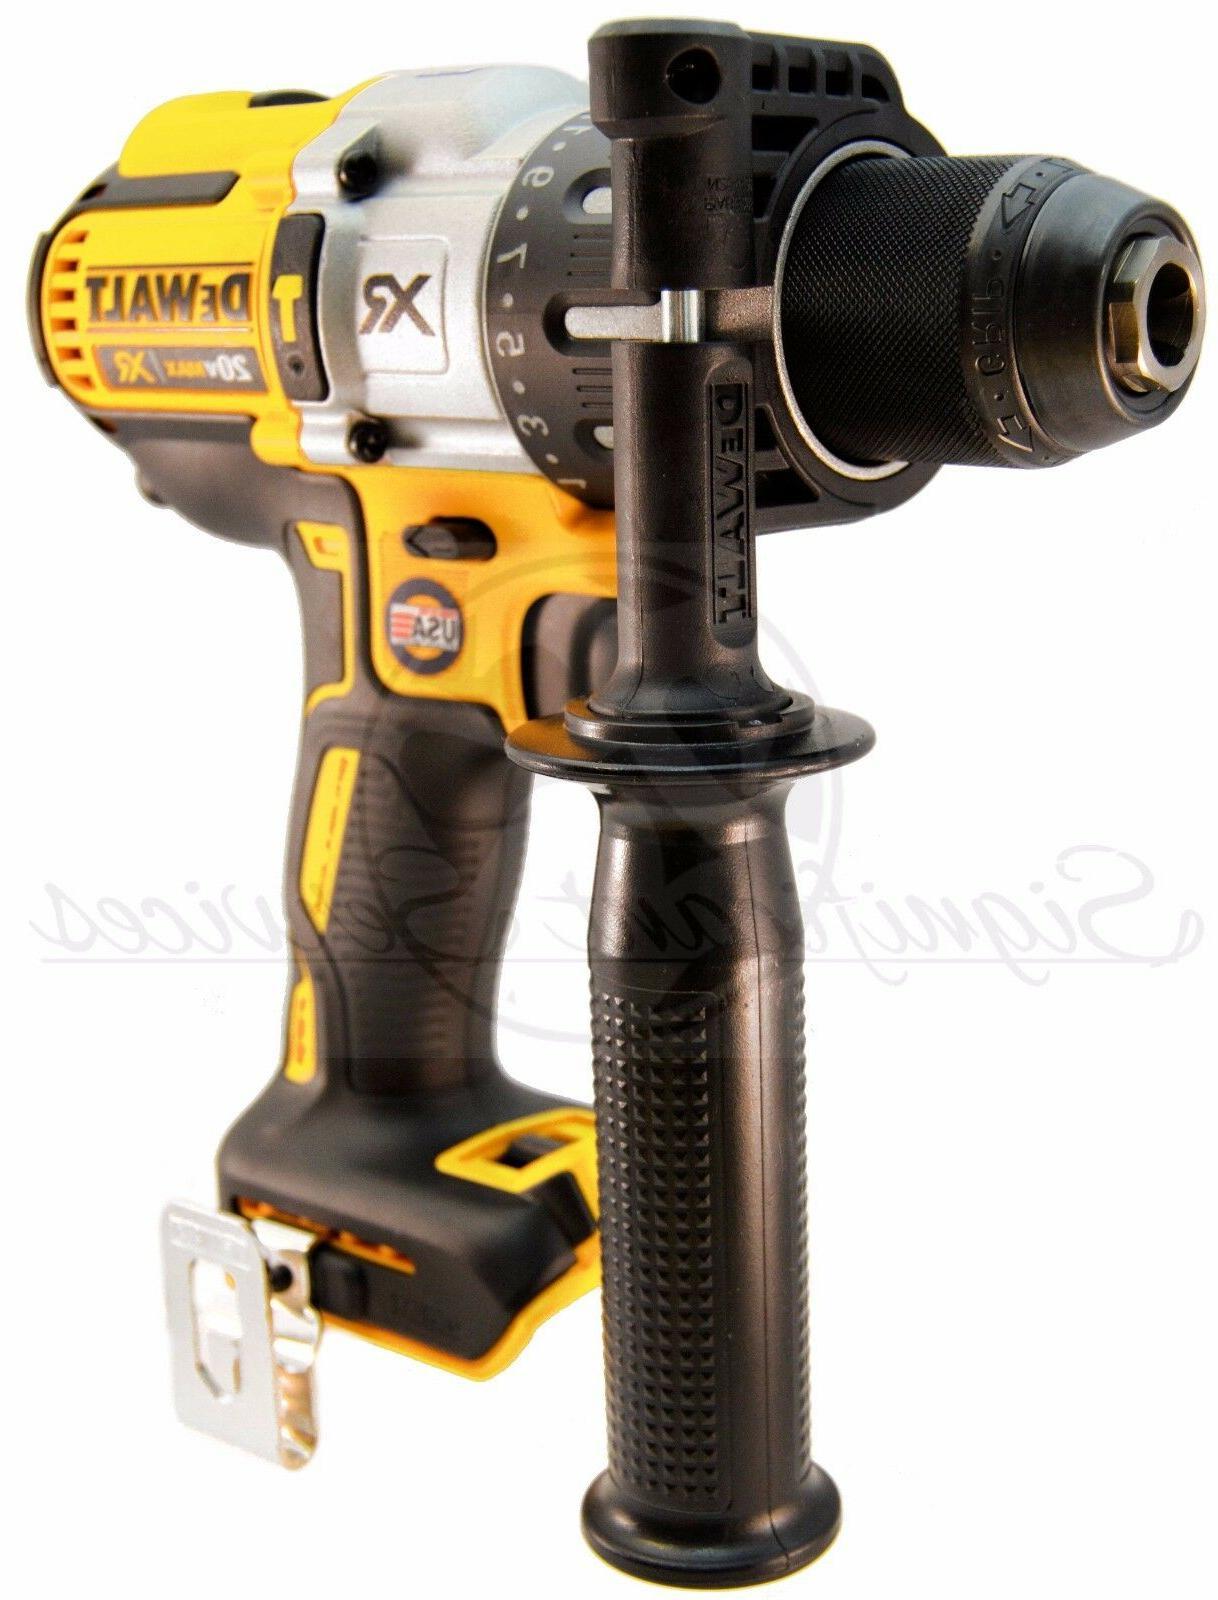 DeWALT DCD996 MAX XR Cordless Li-Ion Brushless 3-Speed 1/2 Drill